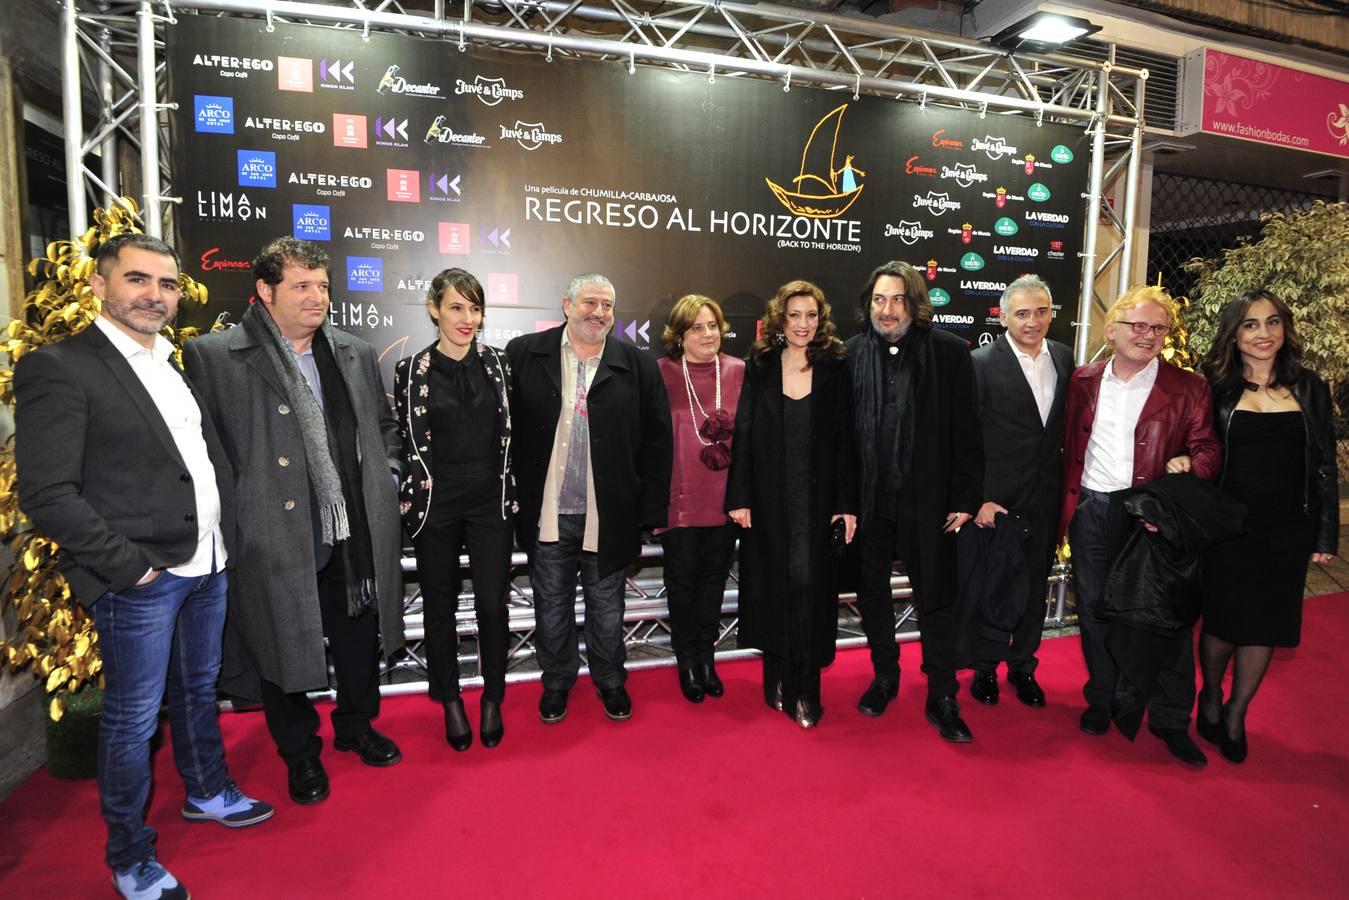 Preestreno en Murcia de la última película de Juan Manuel Chumilla-Carbajosa